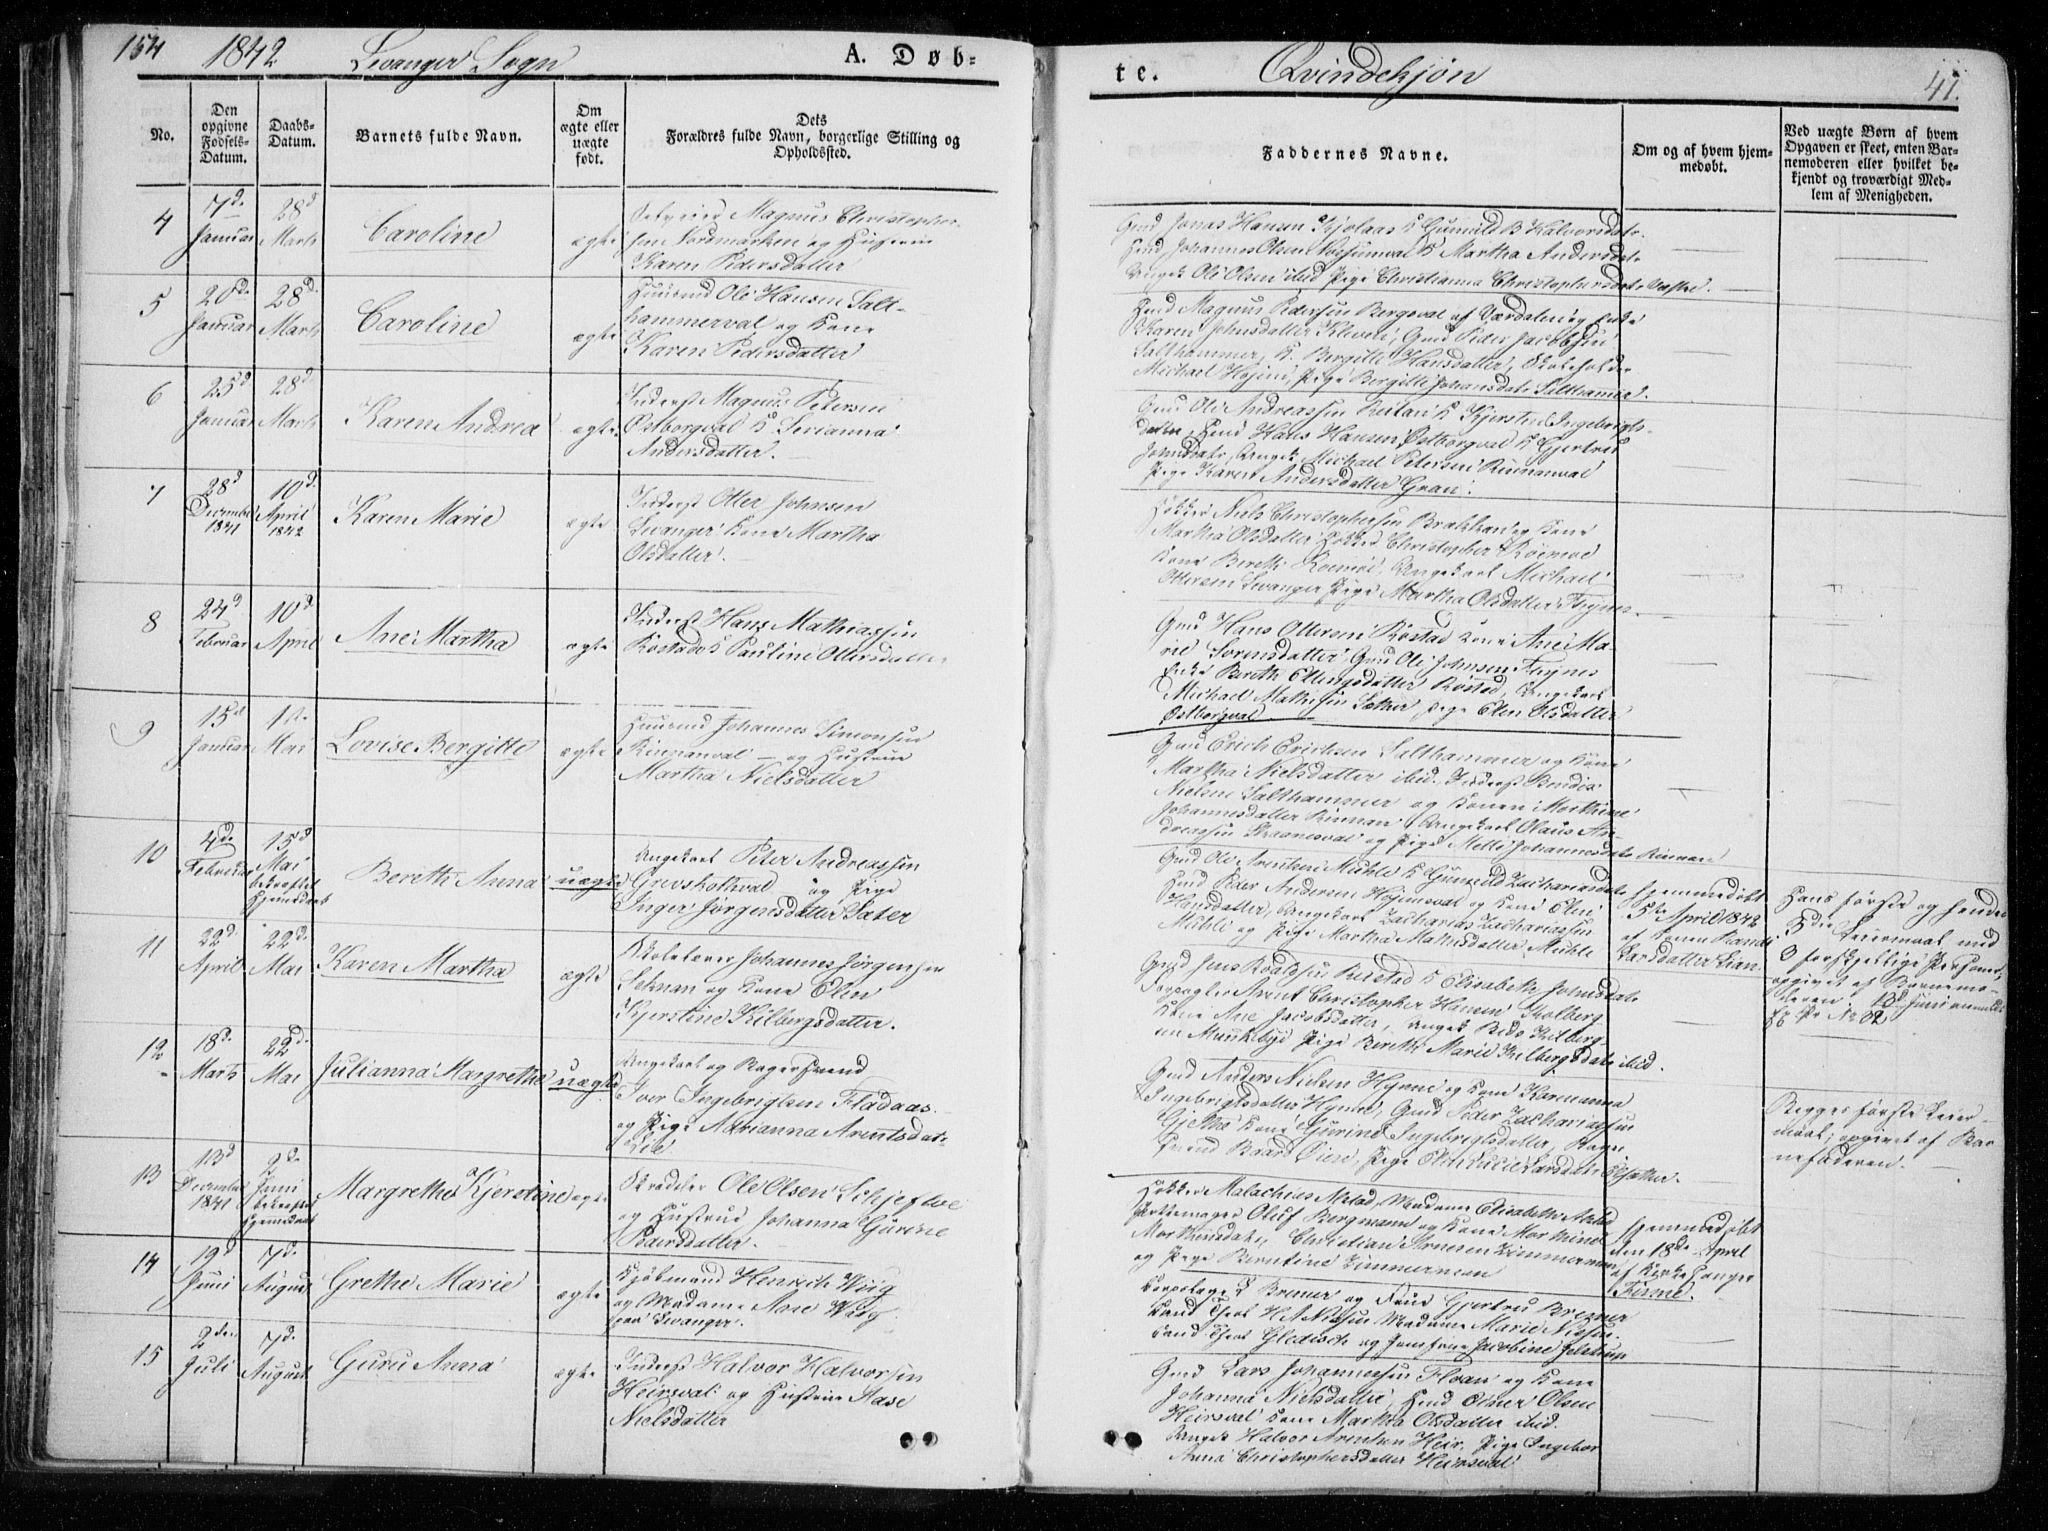 SAT, Ministerialprotokoller, klokkerbøker og fødselsregistre - Nord-Trøndelag, 720/L0183: Ministerialbok nr. 720A01, 1836-1855, s. 41